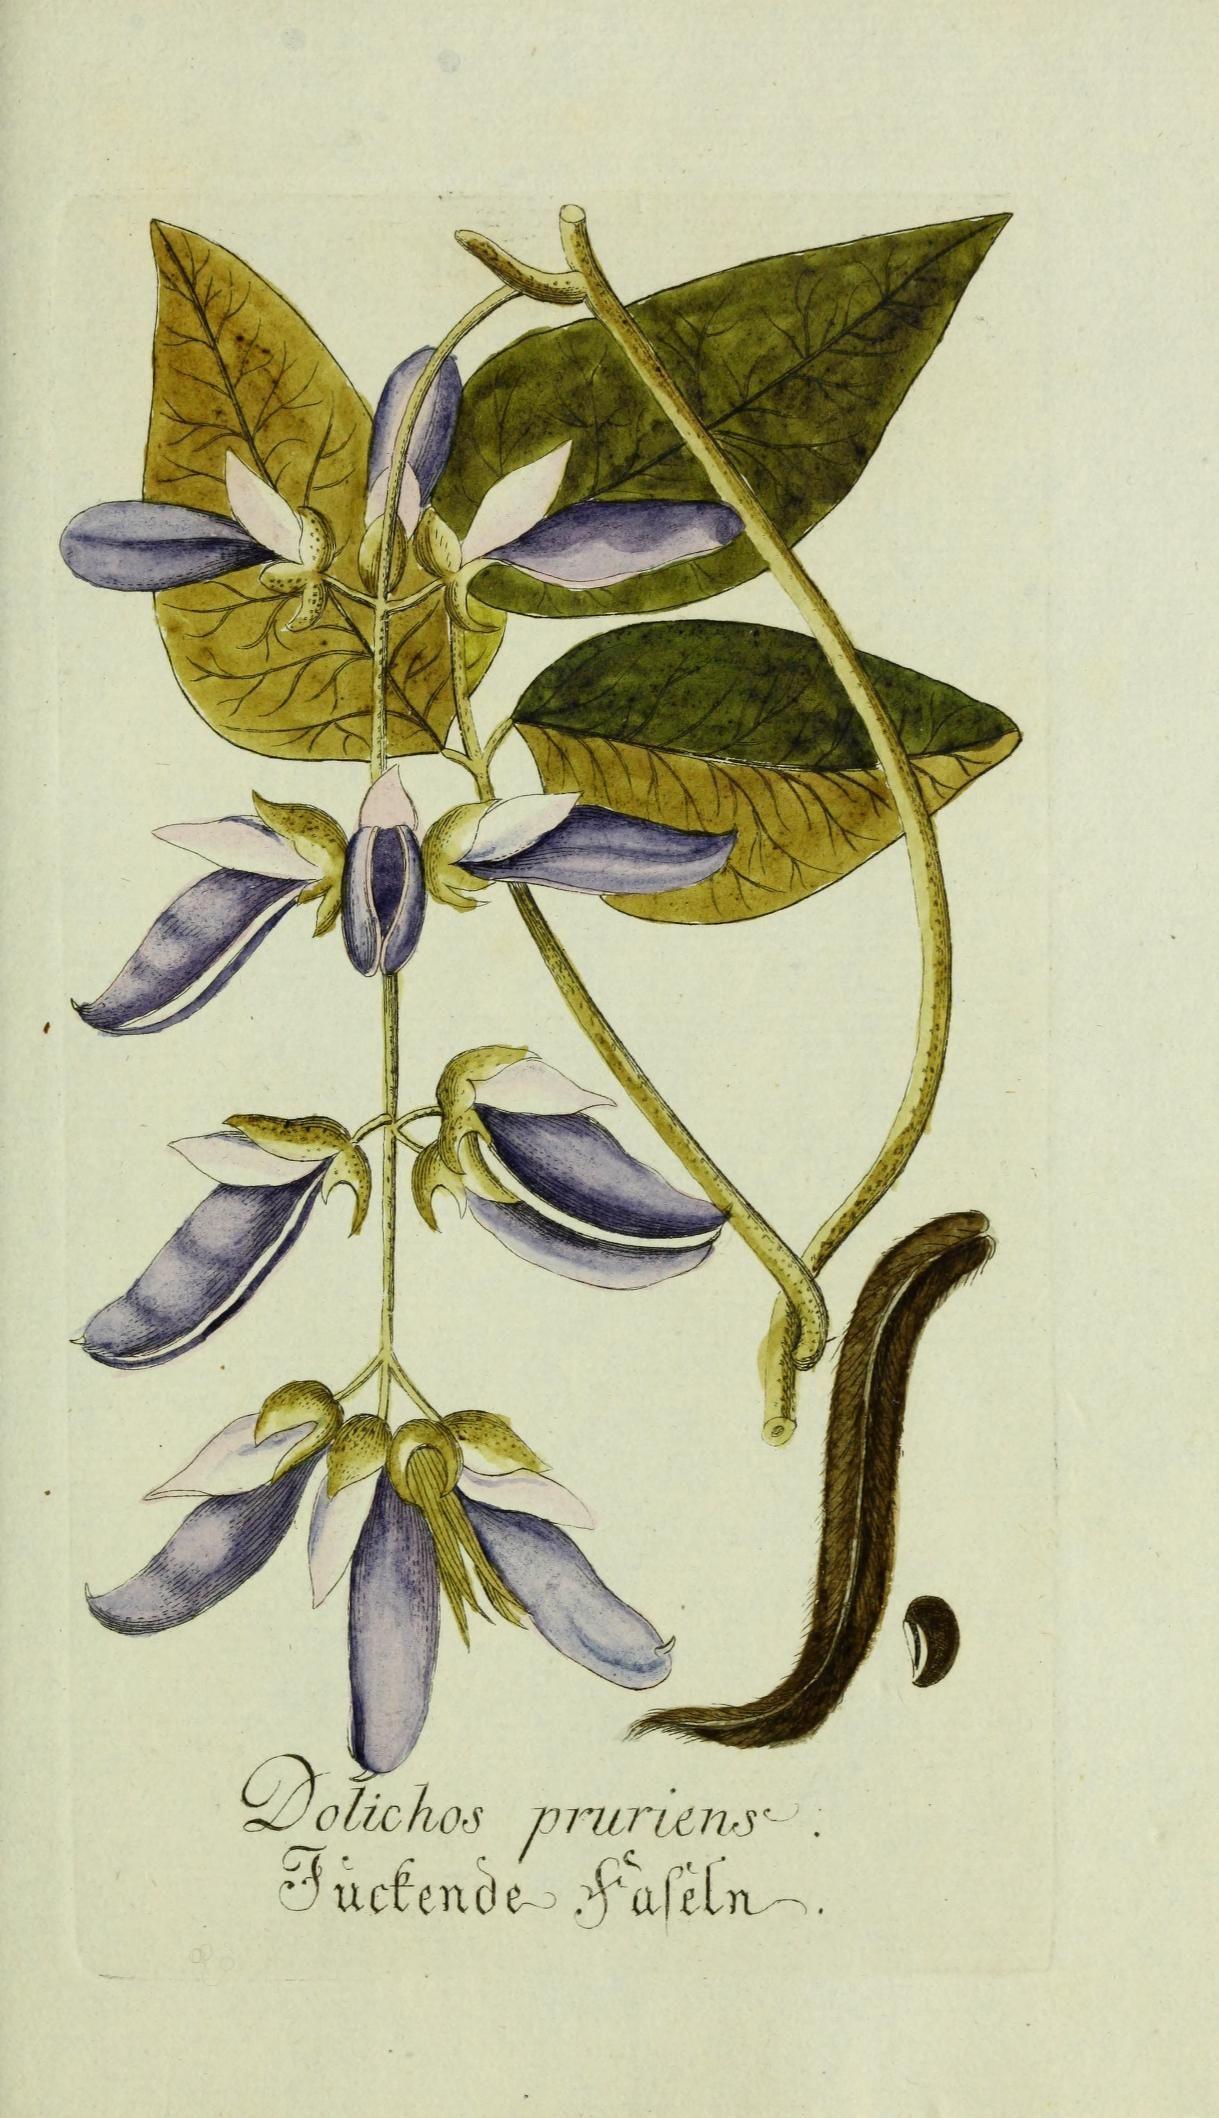 Jarhg.1 (1778) - Plantarum indigenarum et exoticarum icones ad vivum ...